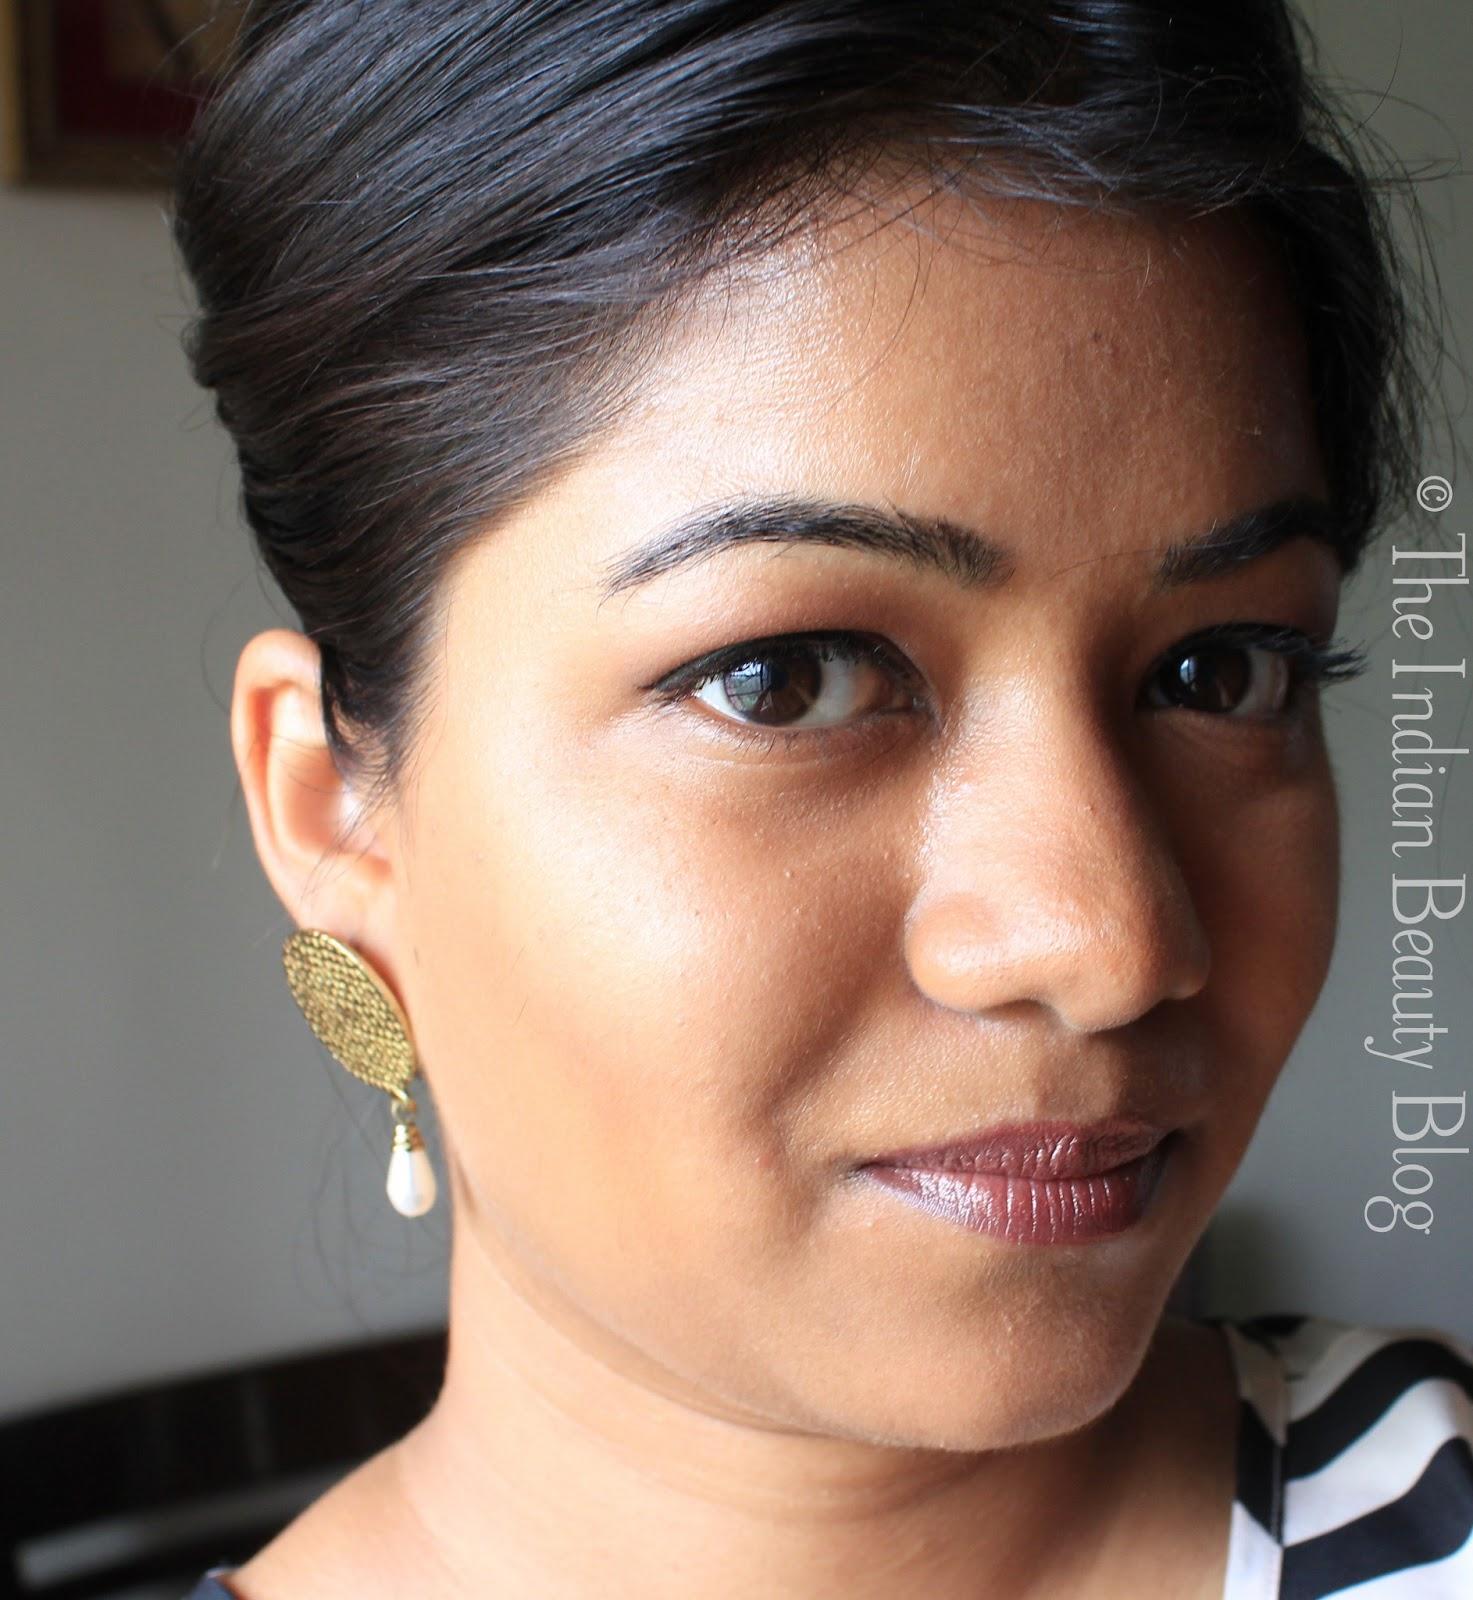 Deepika Padukone inspired makeup look using L'Oreal Paris ...